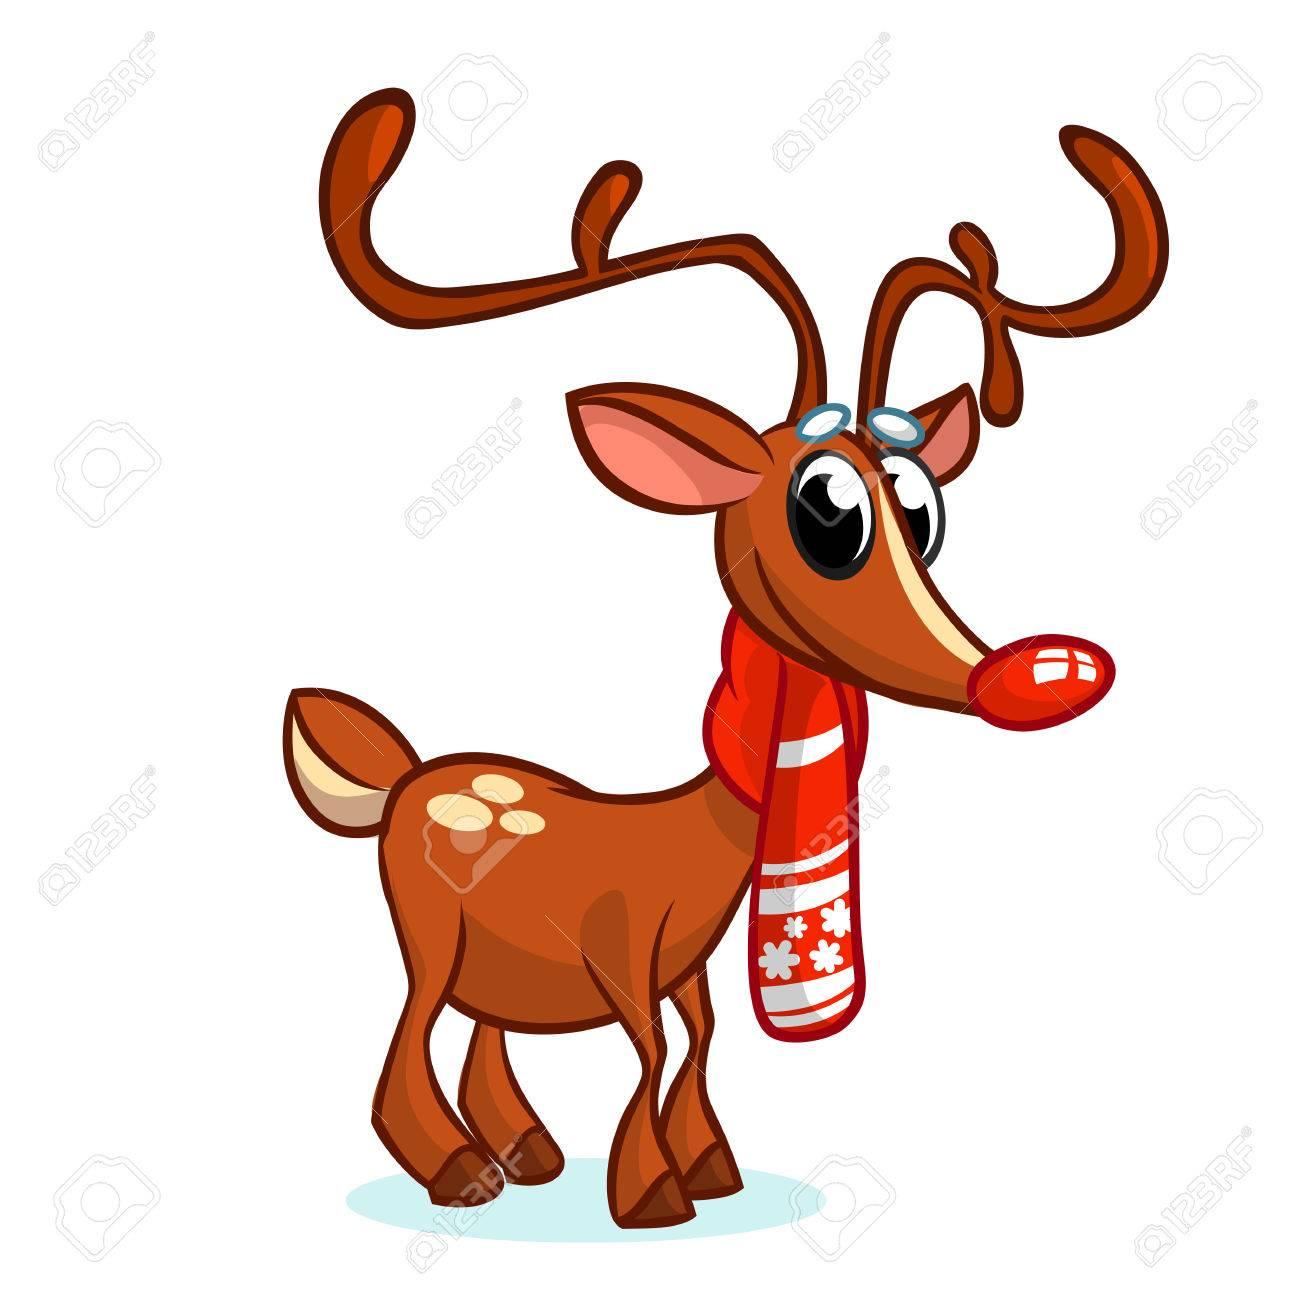 rennes pere noel Noël, Nez, Nez, Rennes, Père Noël, Vecteur, Illustration, Neigeux  rennes pere noel